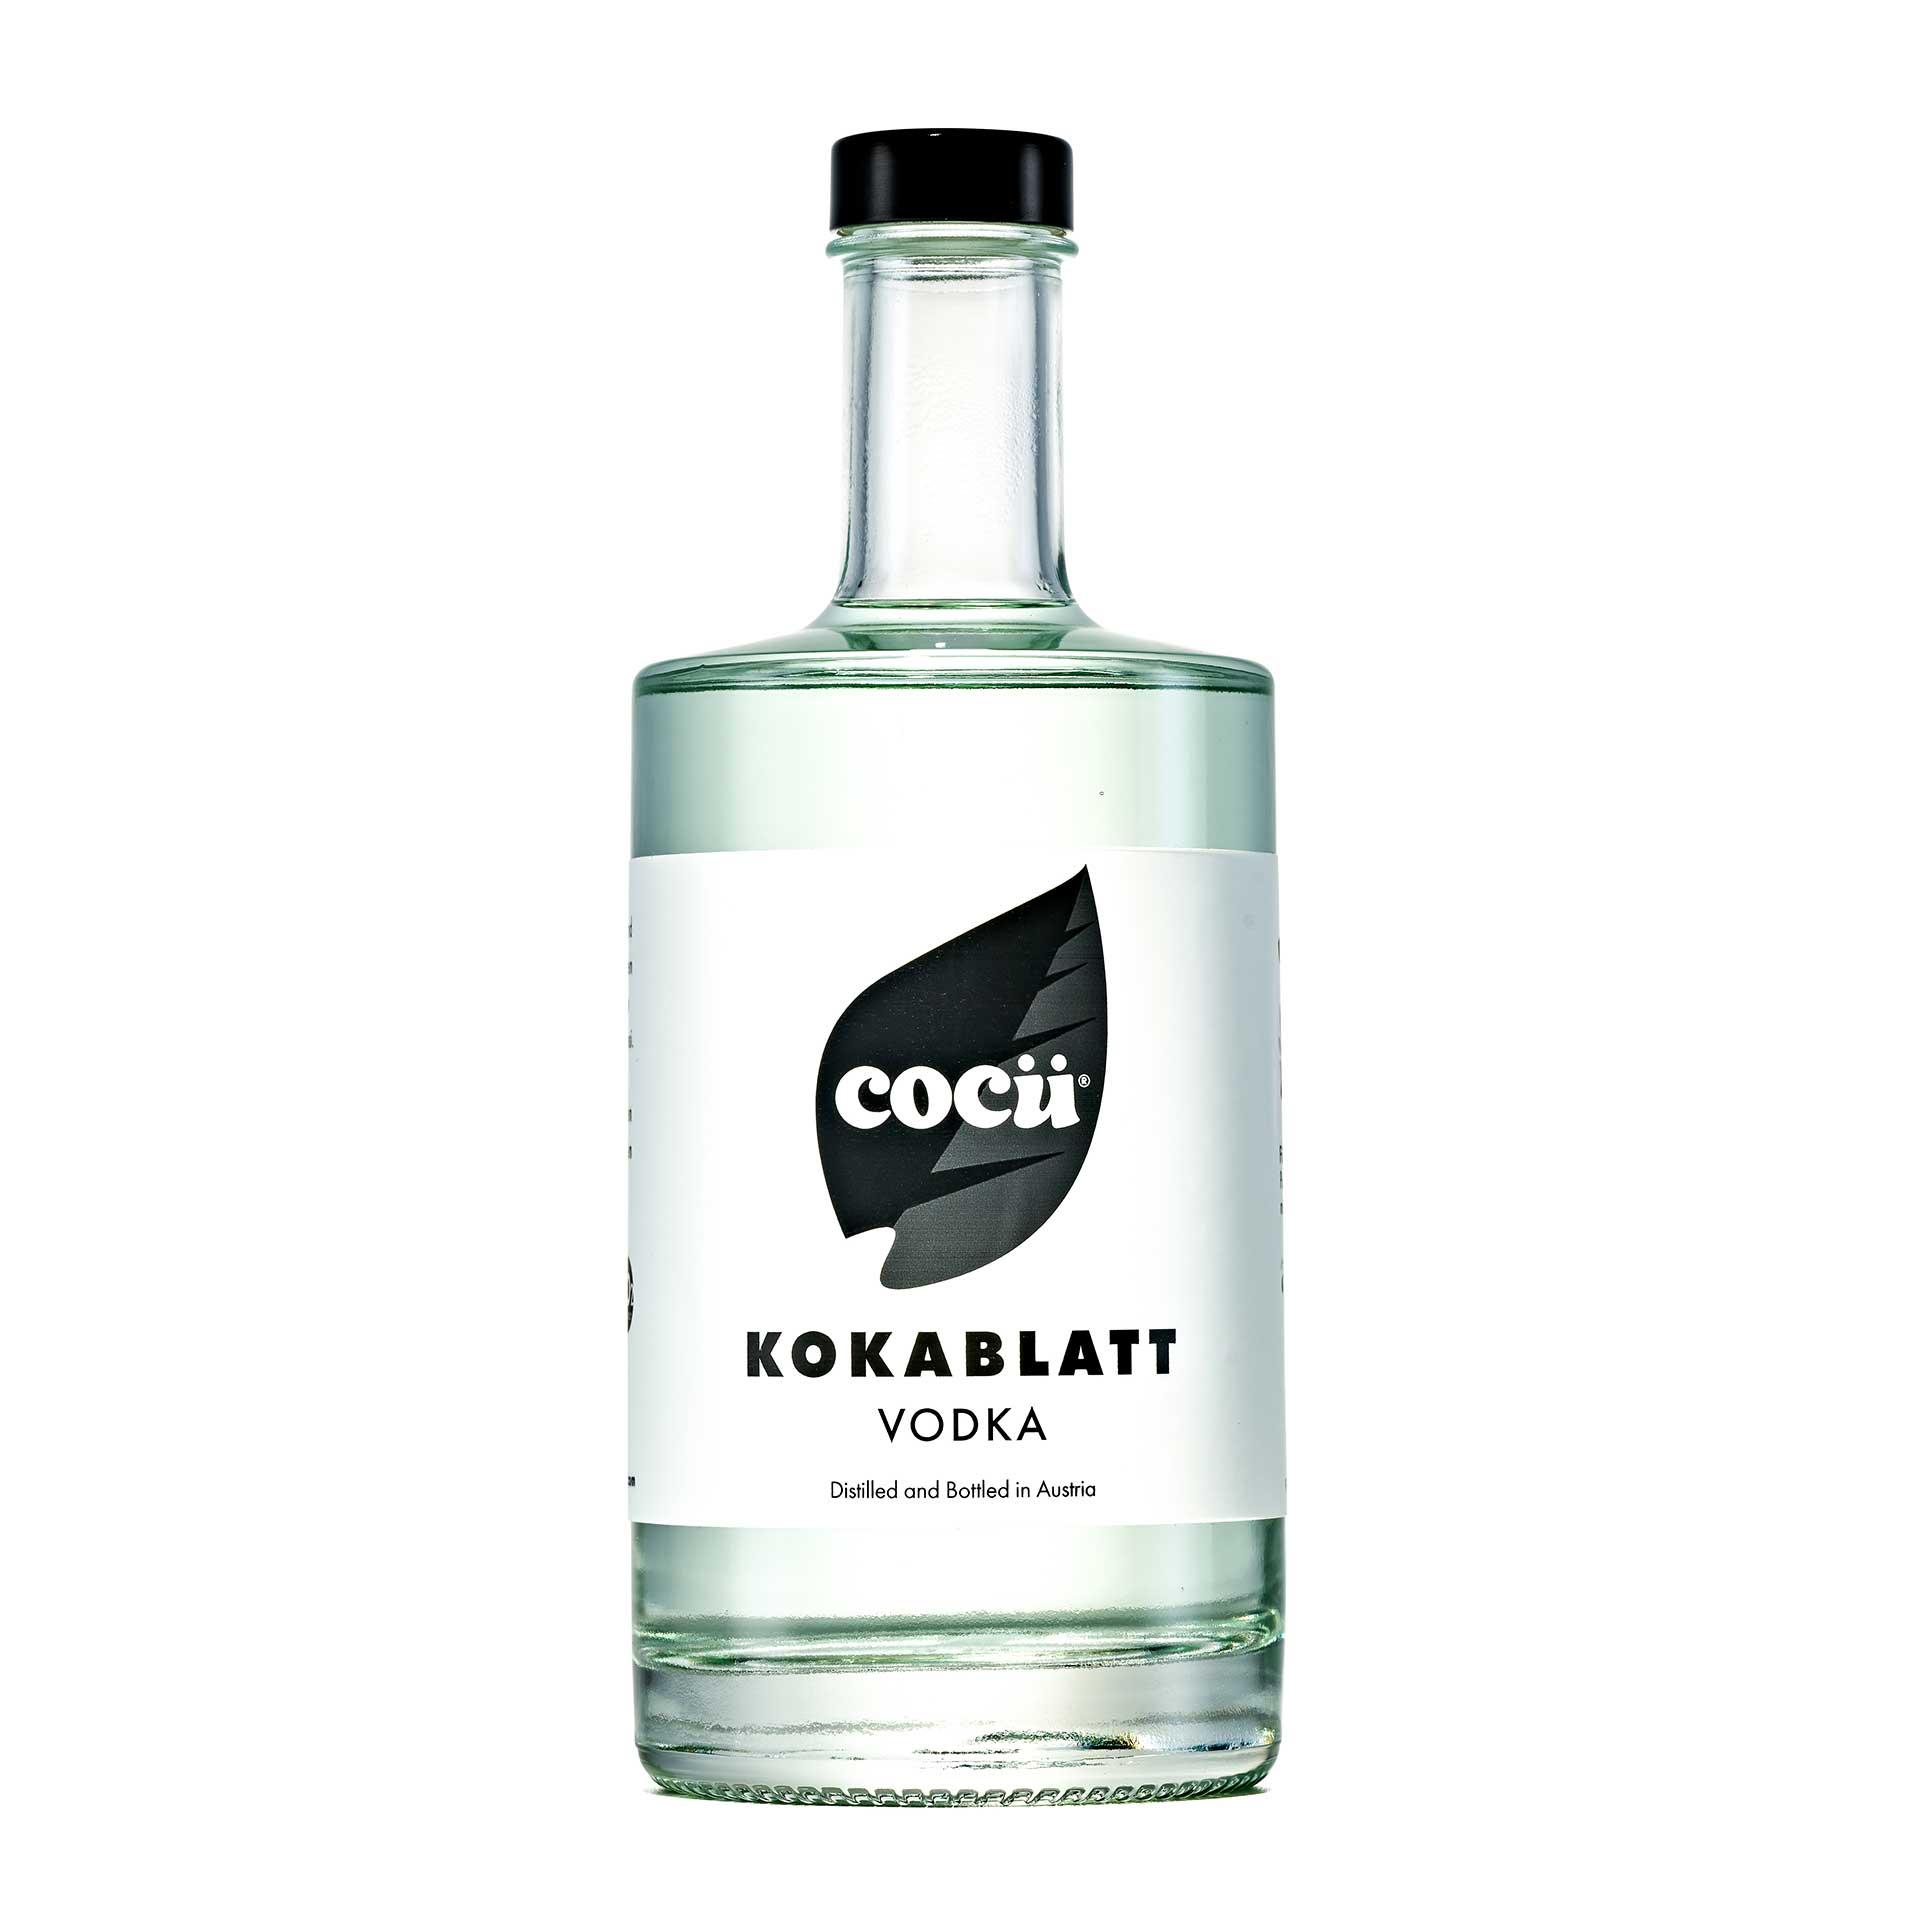 Kokablatt Vodka